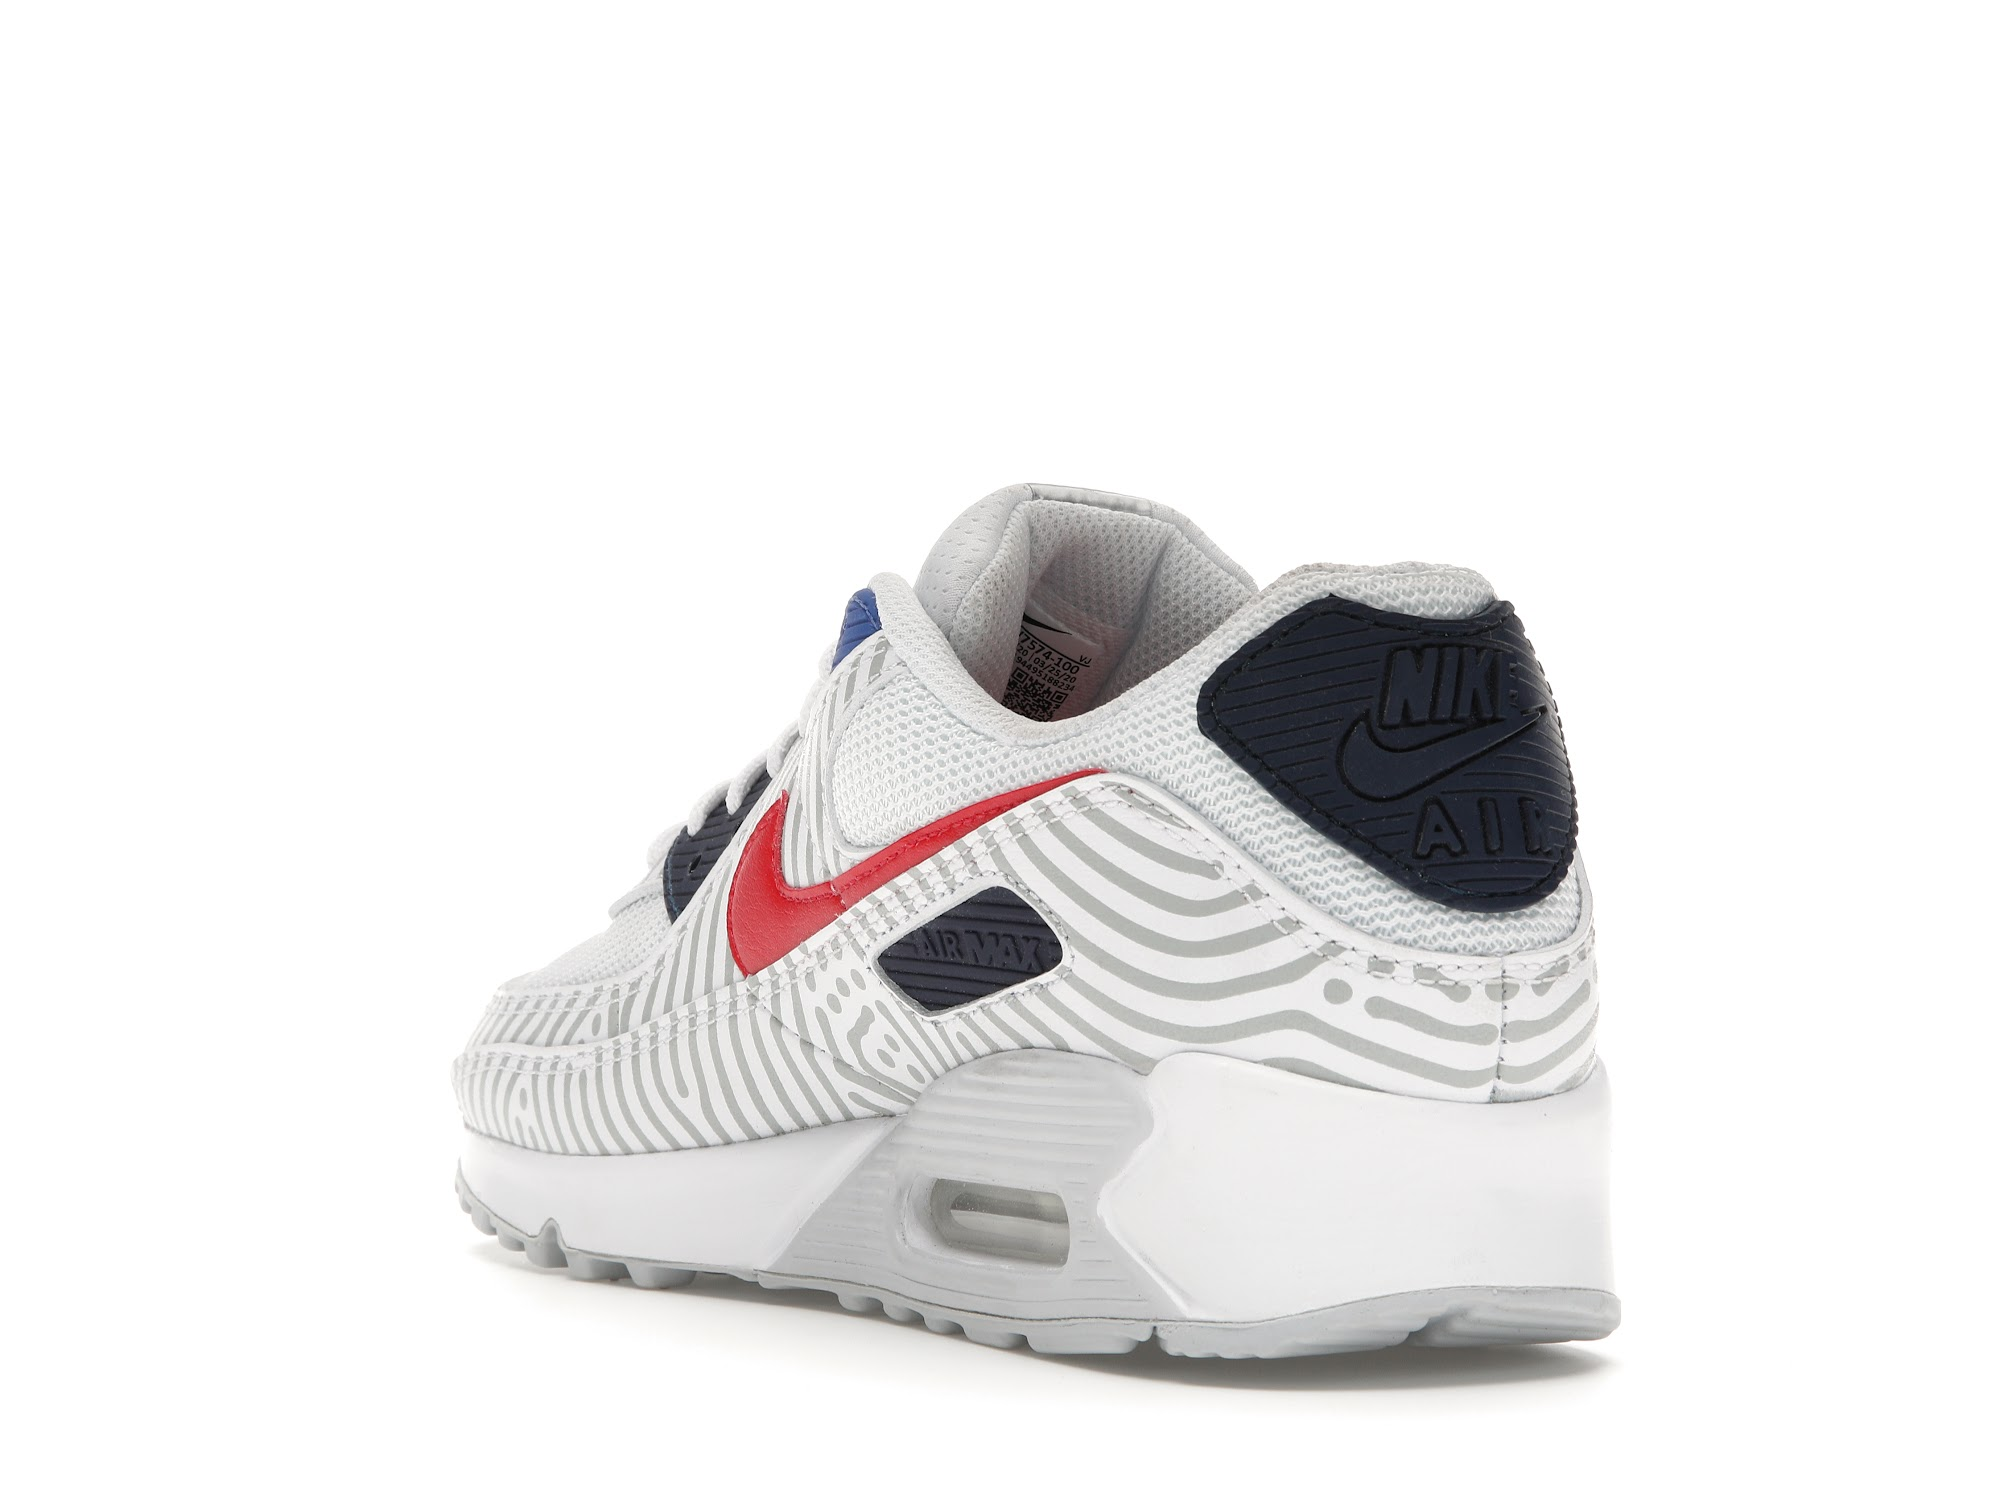 Nike Air Max 90 Euro Tour (2020) - CW7574-100